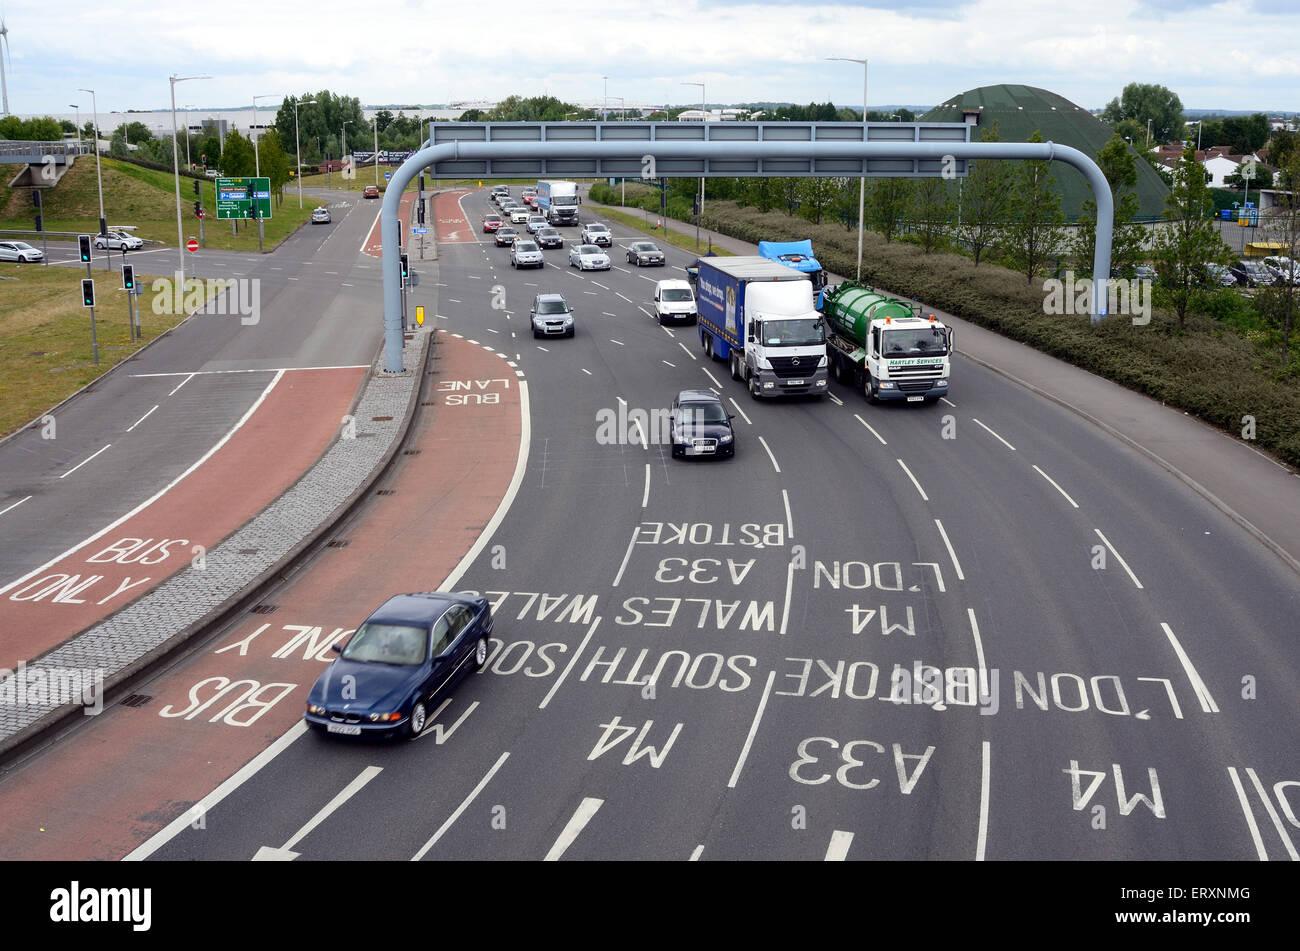 Le marquage routier sur l'A33 que vous rejoignez la M4 Junction 11 rond-point de lecture. Photo Stock